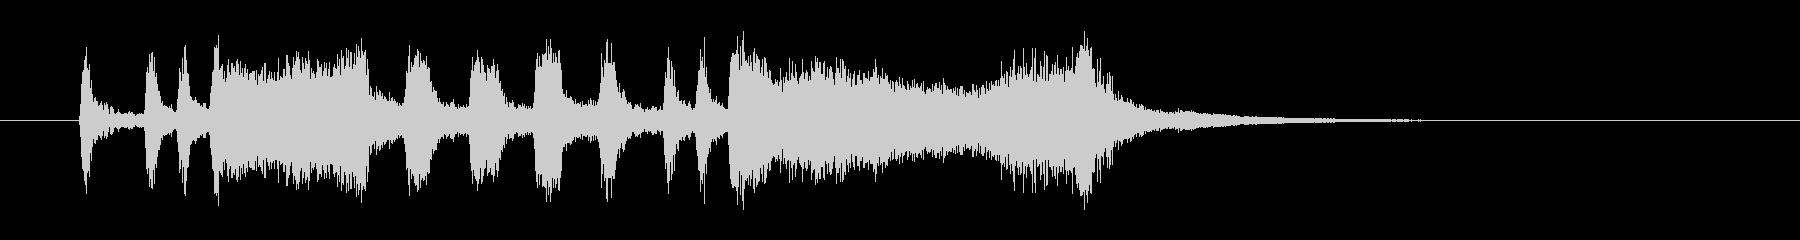 パンパカパーン(発表、成功)の未再生の波形